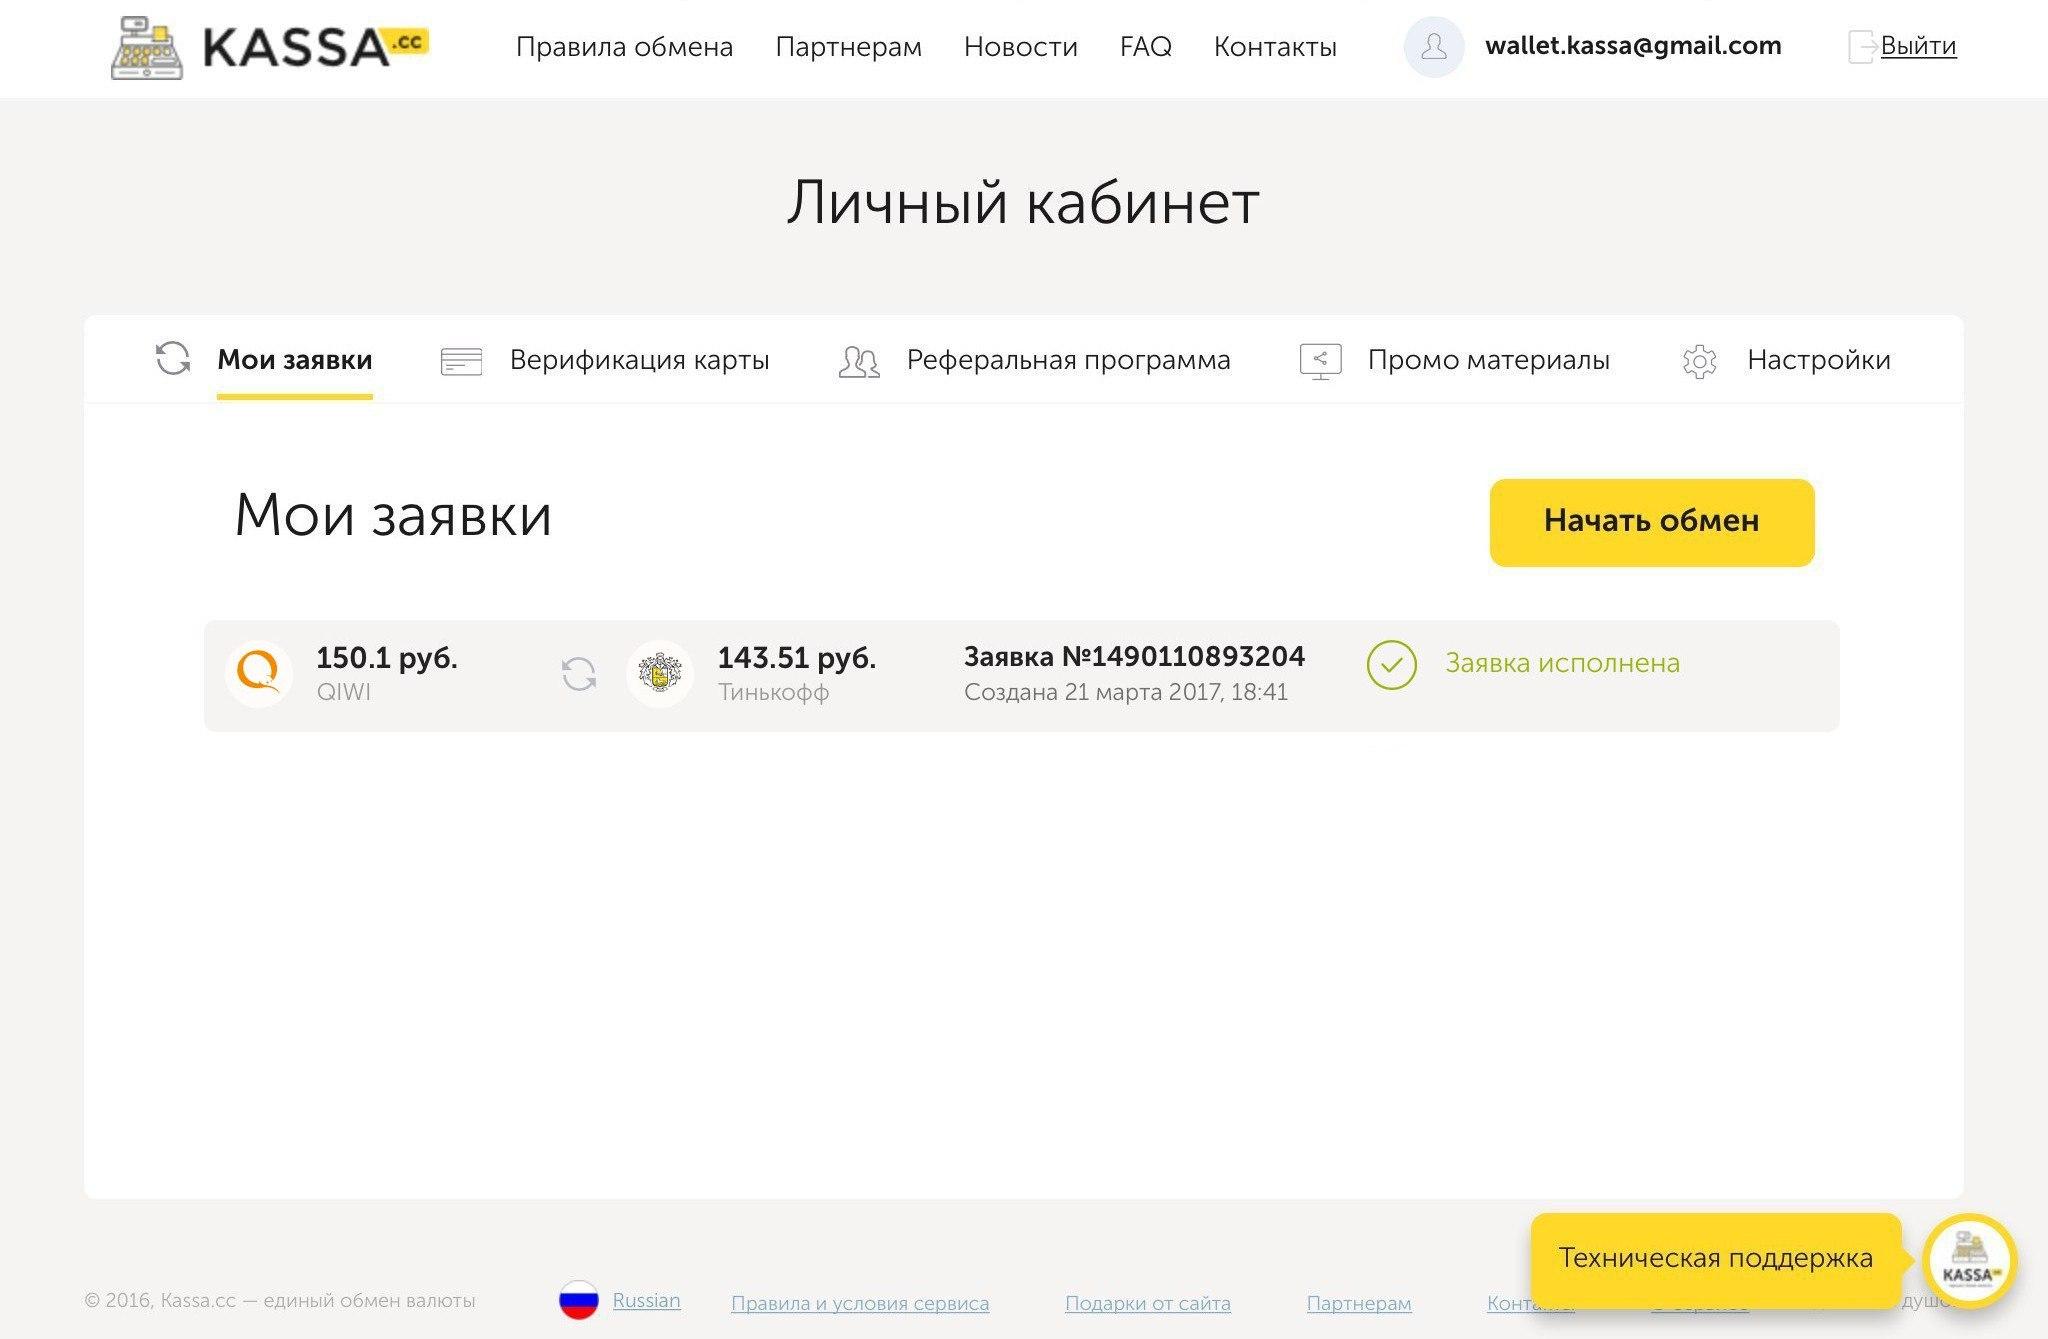 Kassa.cc - единый обмен валюты. Вывод QIWI RUB на карту Тинькофф